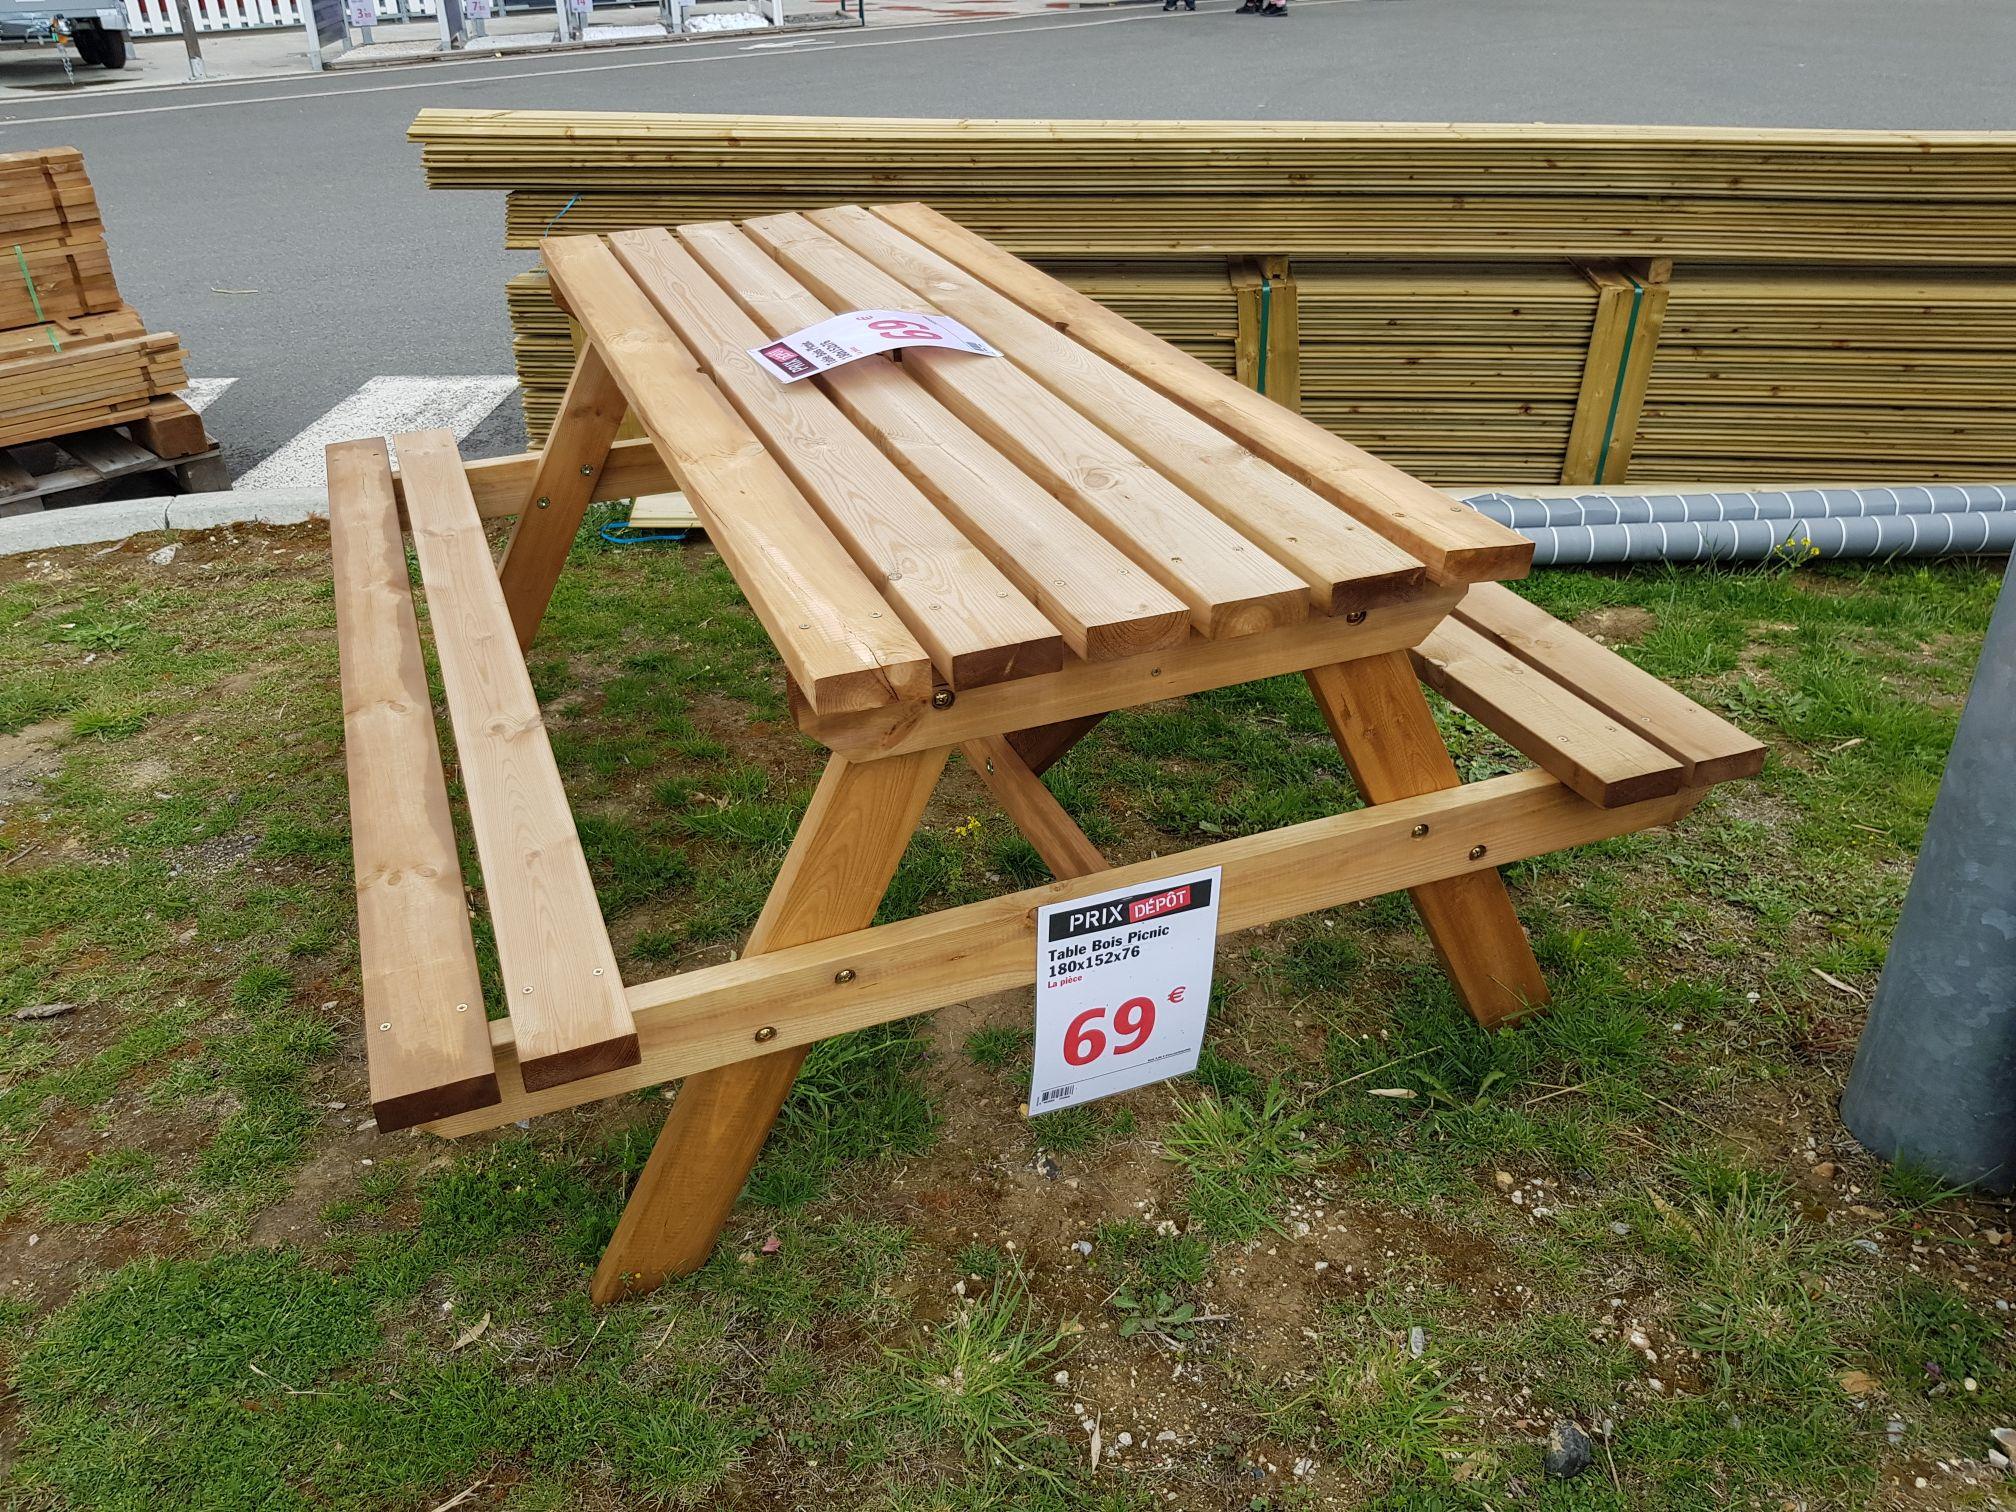 Table de picnic bois - 6 personnes, Brico dépôt des essarts le roi ...